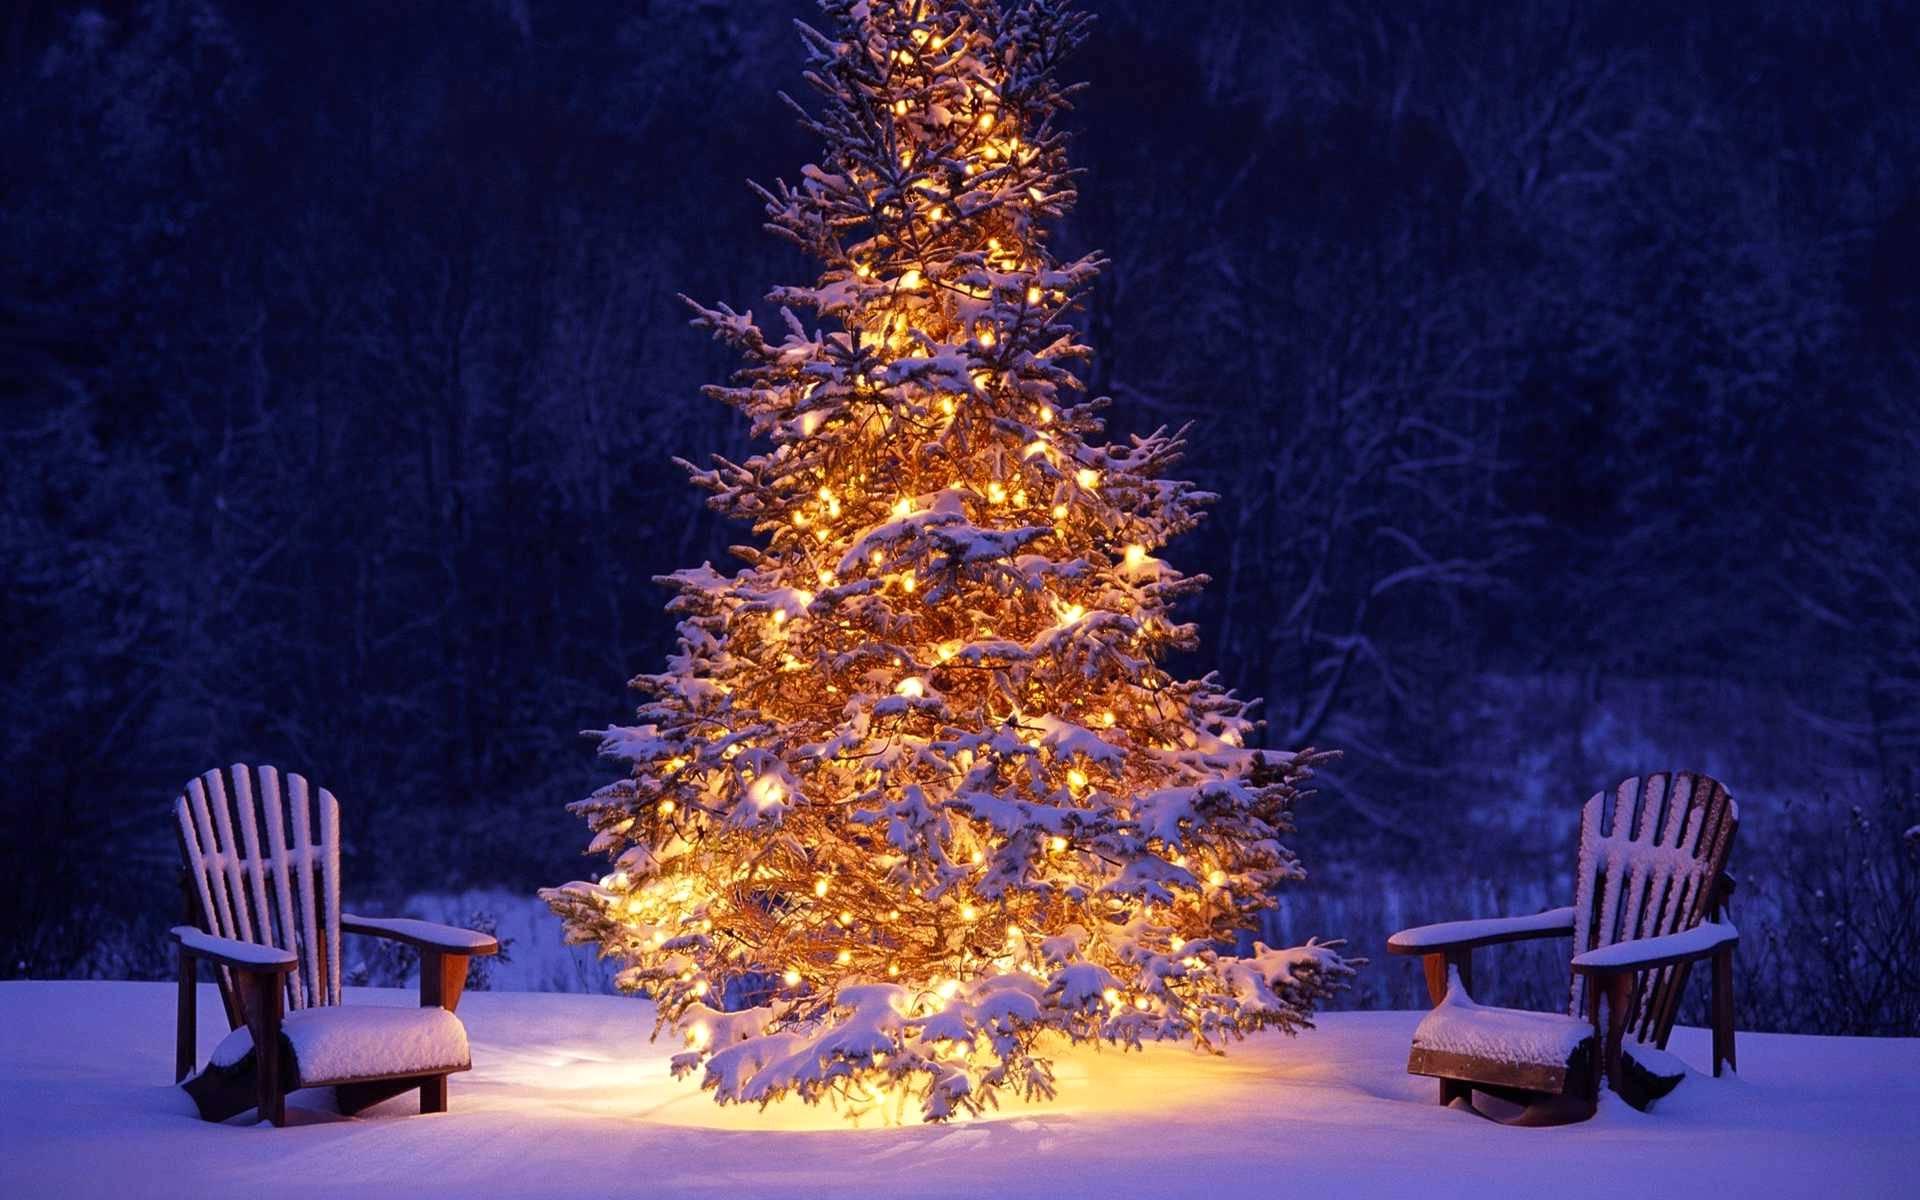 Immagini Natale Movimento.Il Natale Sei Tu Movimento Dei Focolari Liguria